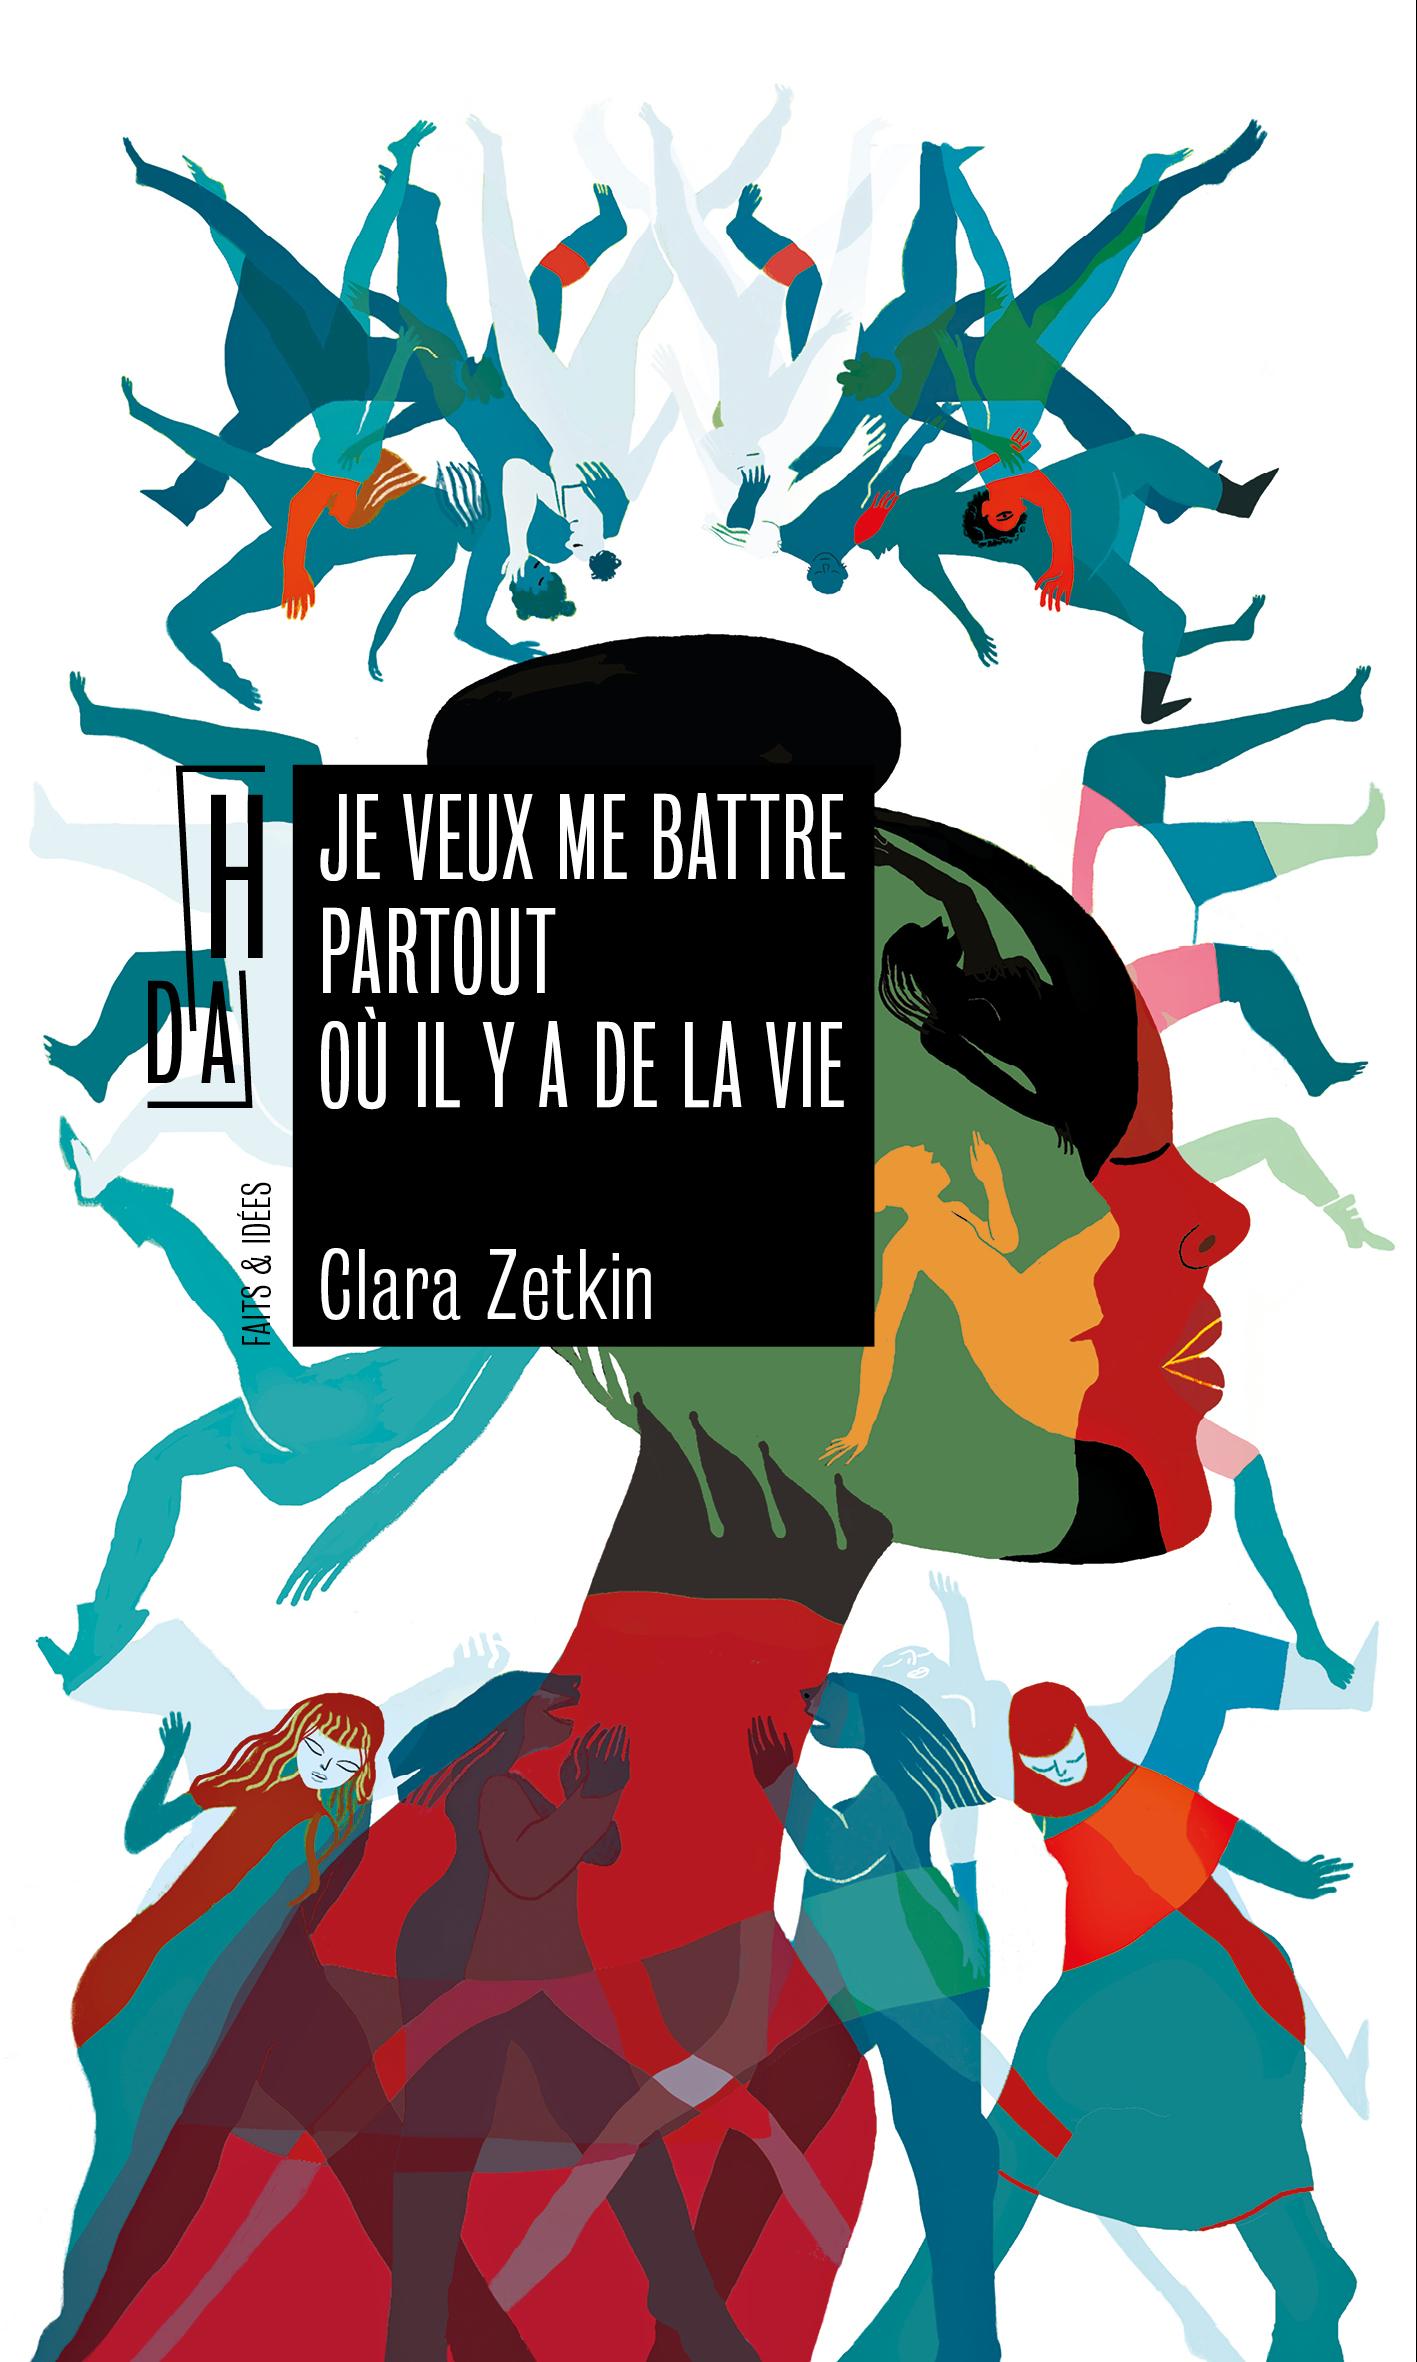 C. Zetkin, Je veux me battre partout où il y a de la vie